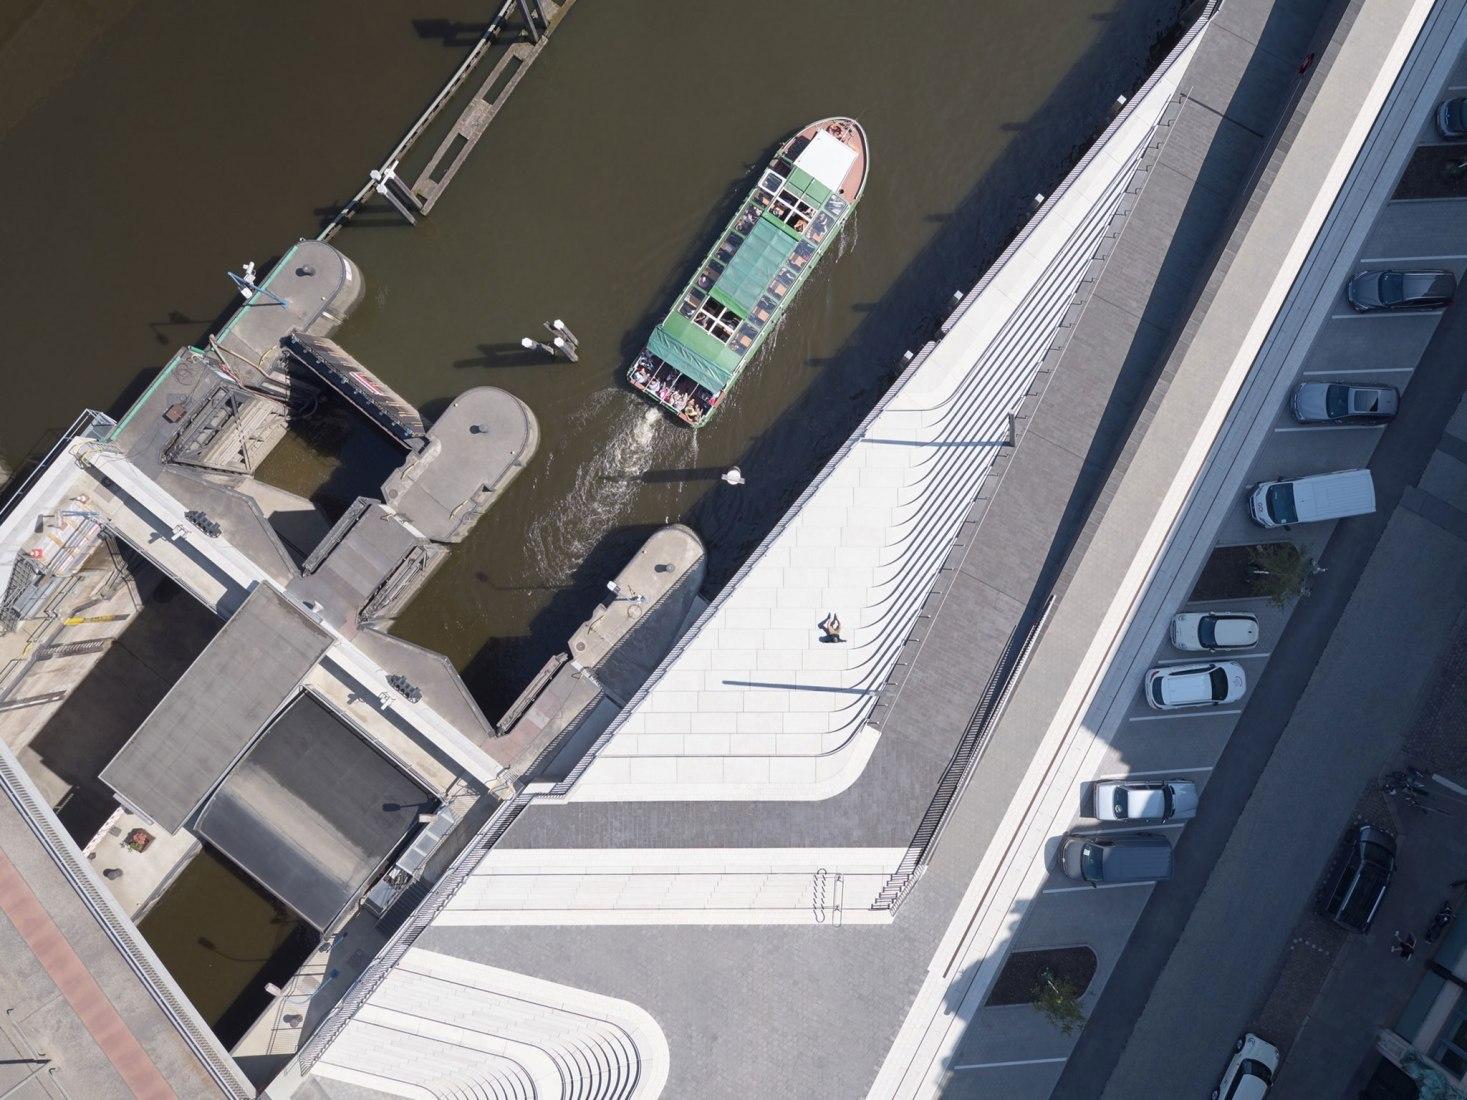 Niederhafen River Promenade by Zaha Hadid Architects. Photograph by Piet Niemann